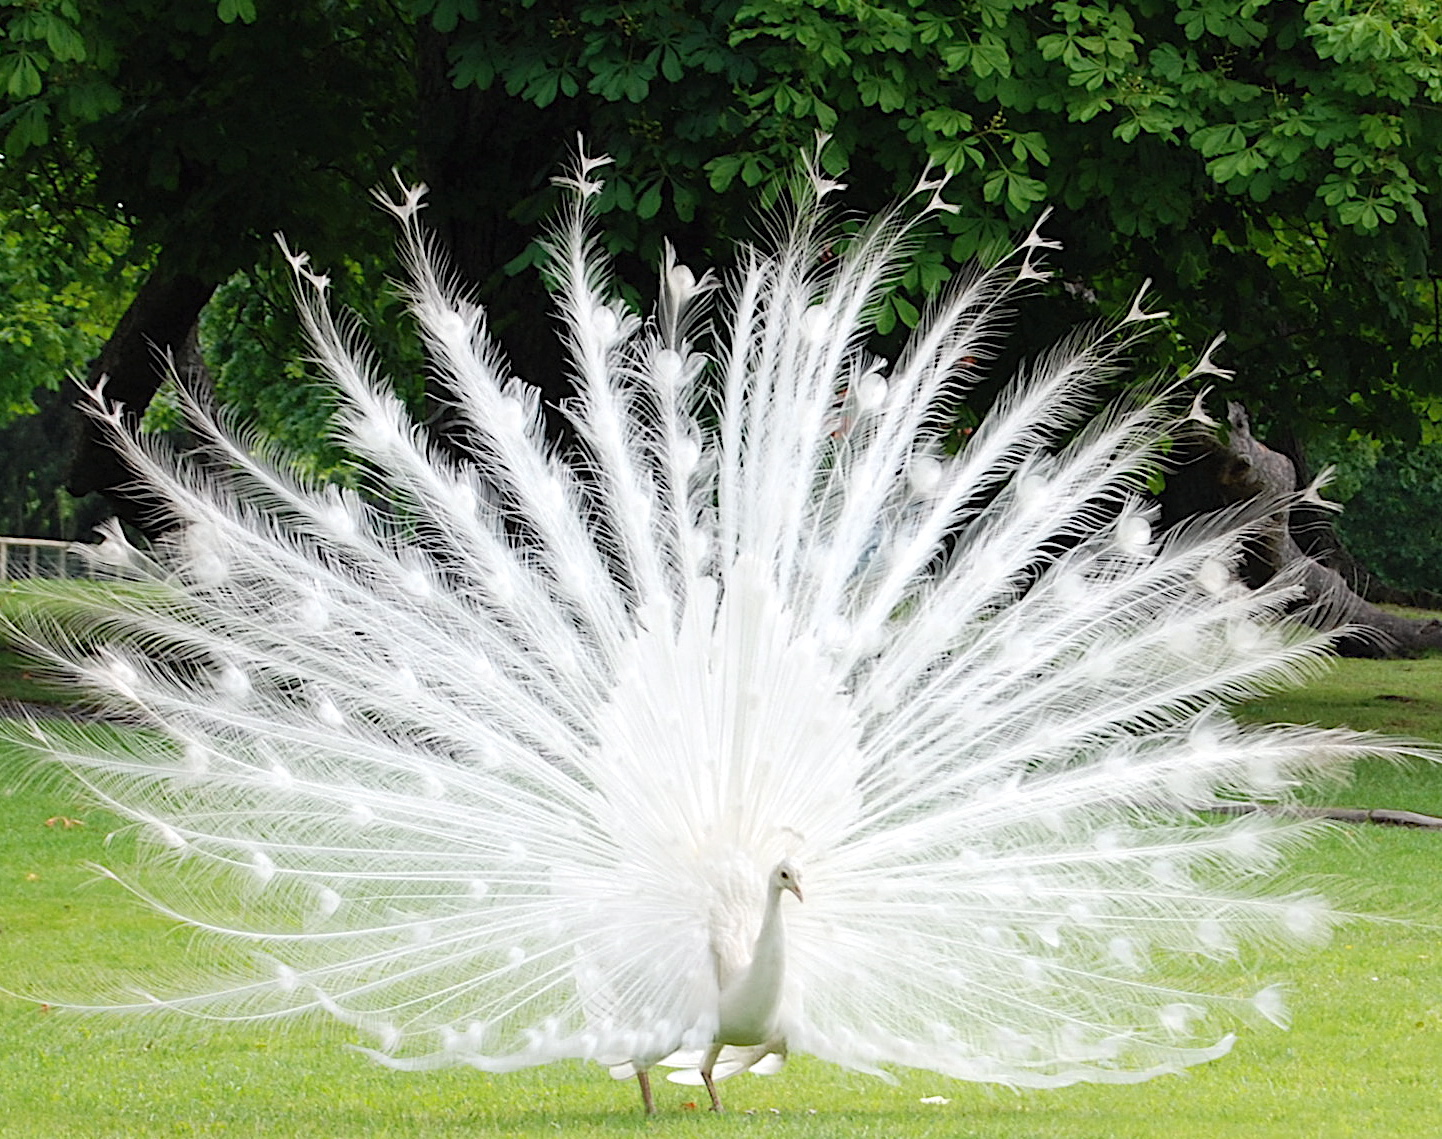 http://2.bp.blogspot.com/-dxf3-qc4ABI/TdP_a_pB7NI/AAAAAAAAAF4/K_AGjBxHAl0/s1600/peacock11.jpg